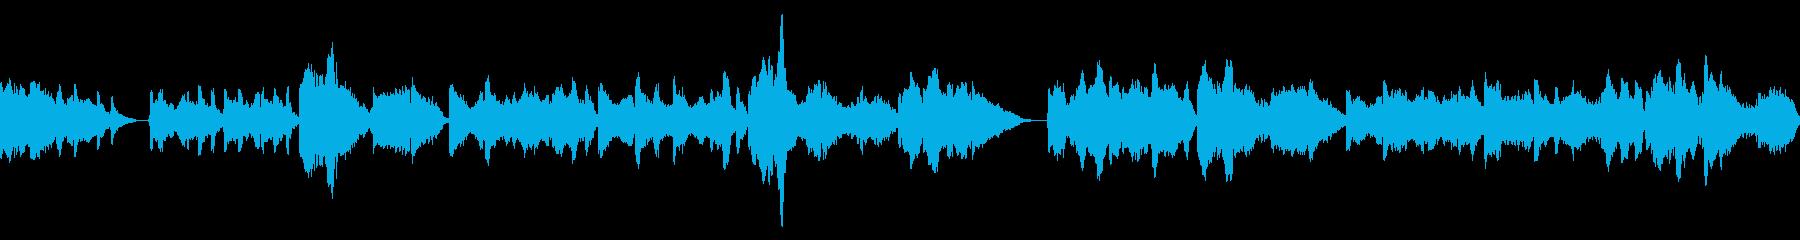 温かい音色のコントラバスデュオでの賛美歌の再生済みの波形